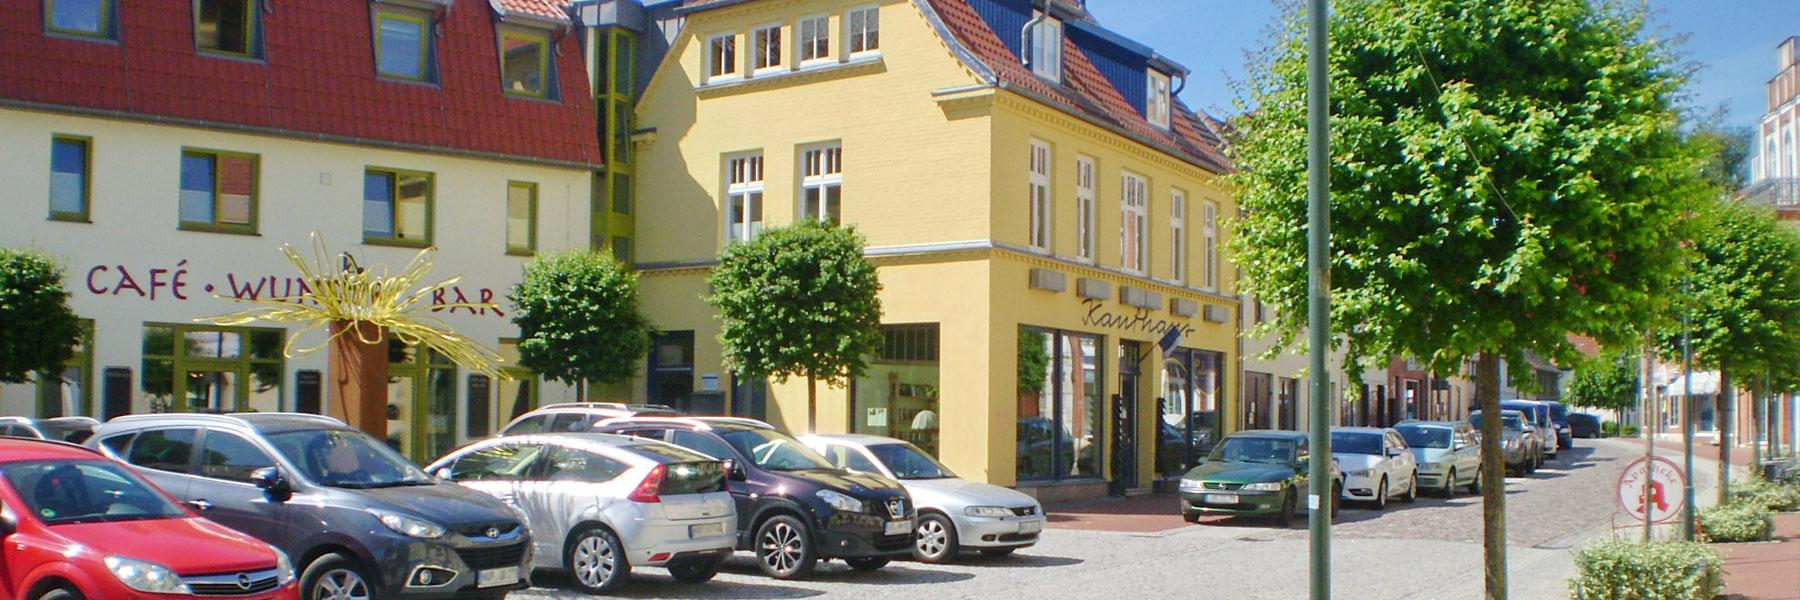 Innenstadt - Stadt Bad Sülze